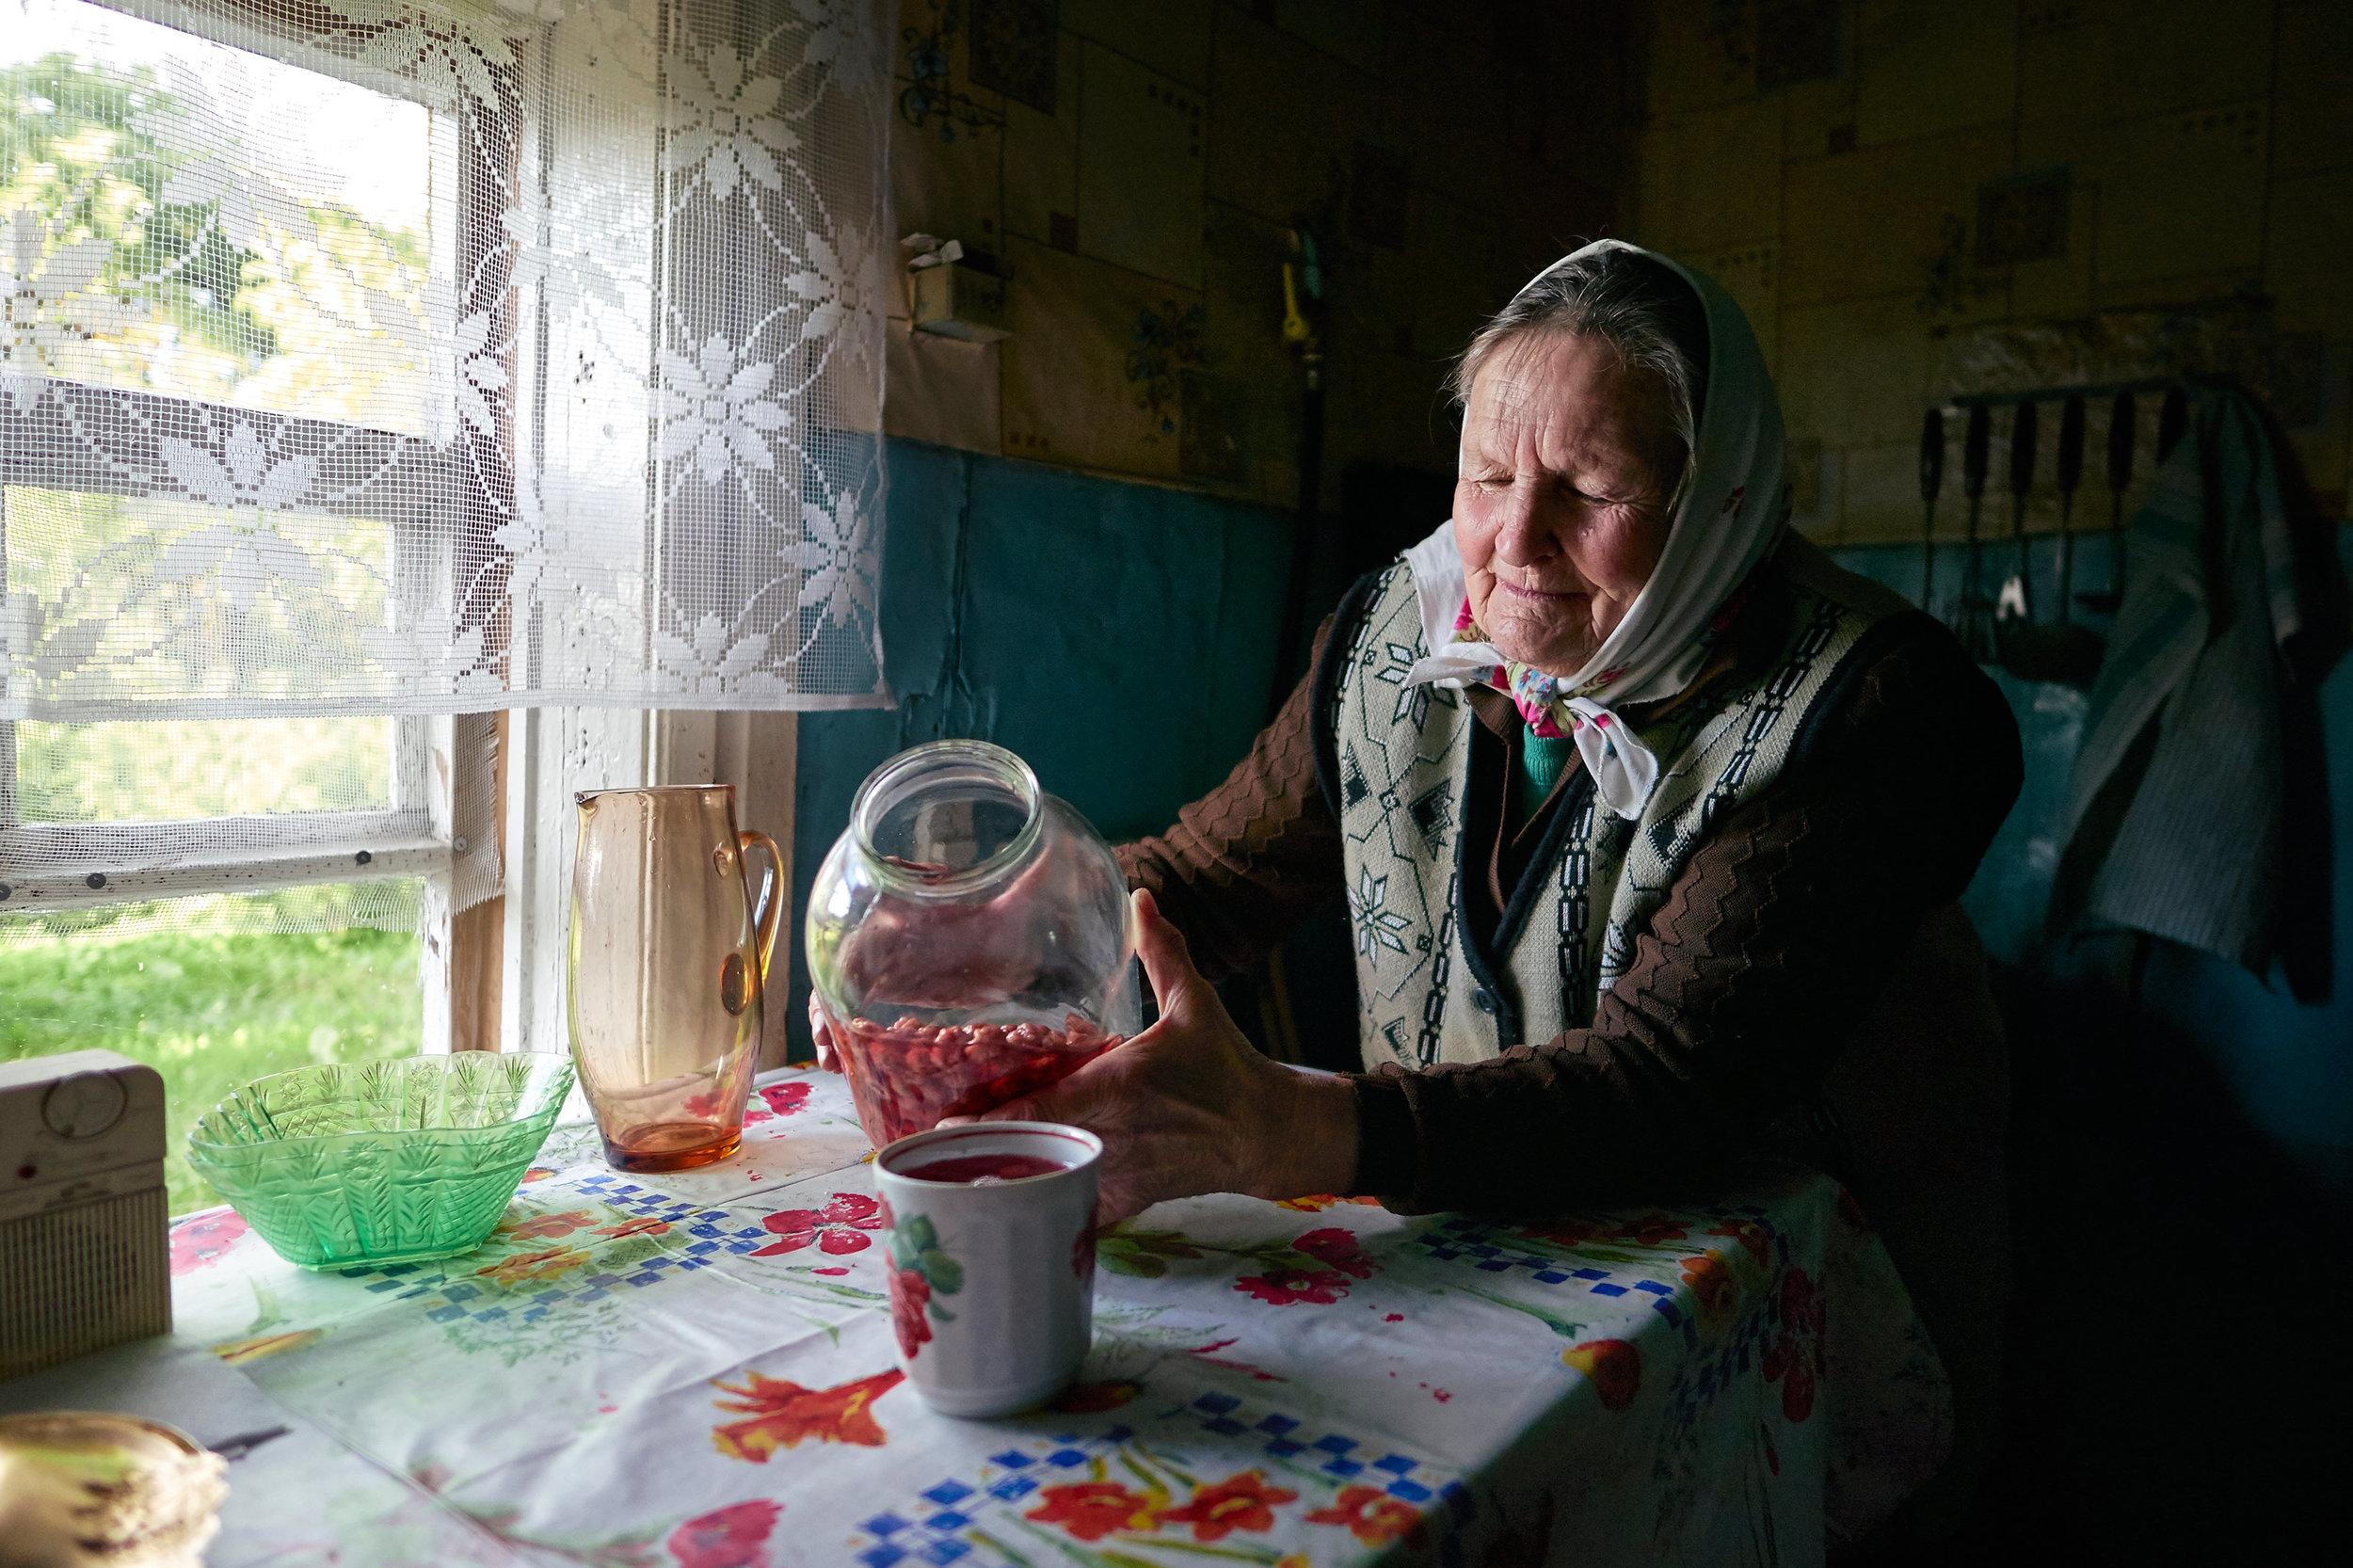 Braslav-Belarus-elderly-woman-pours-rasberry-juice